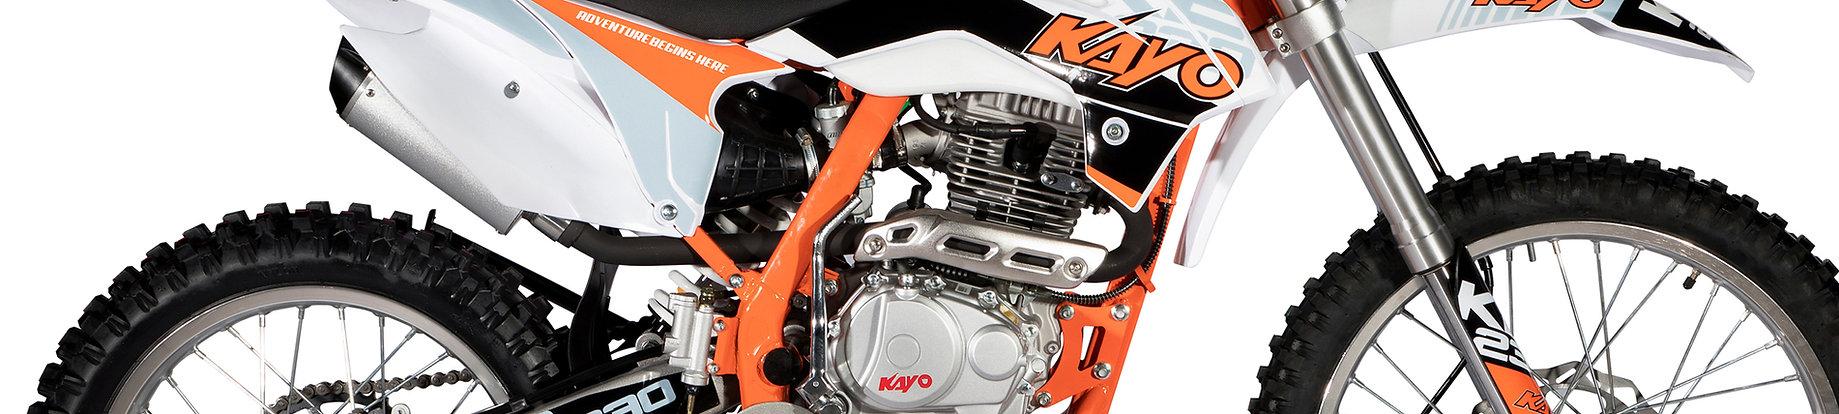 K2-close.jpg